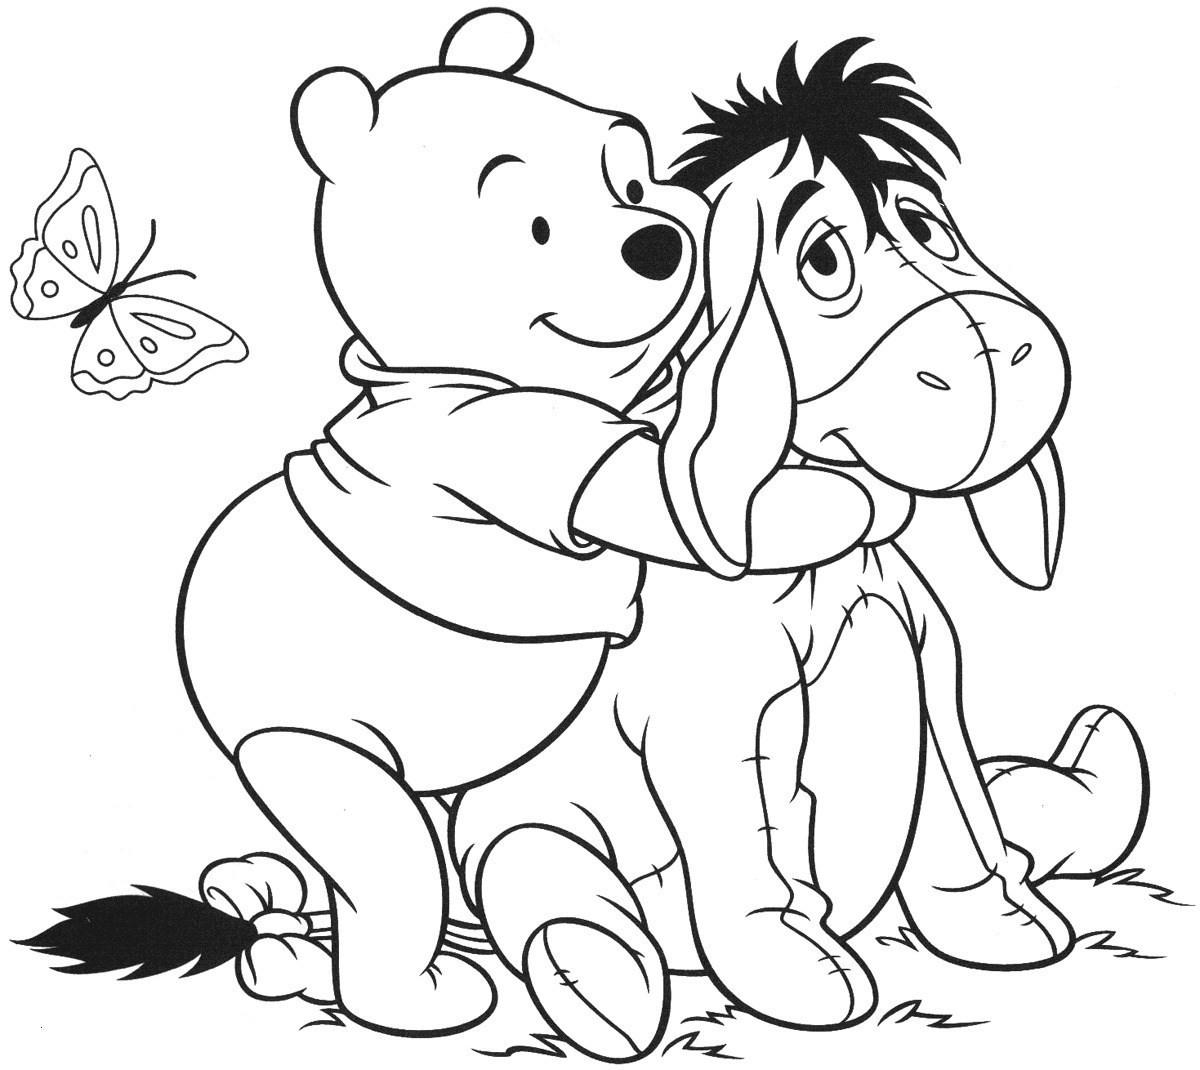 Winnie Pooh Baby Malvorlagen Neu Ausmalbilder Winnie Puuh Neu 35 Malvorlagen Winnie Pooh Galerie